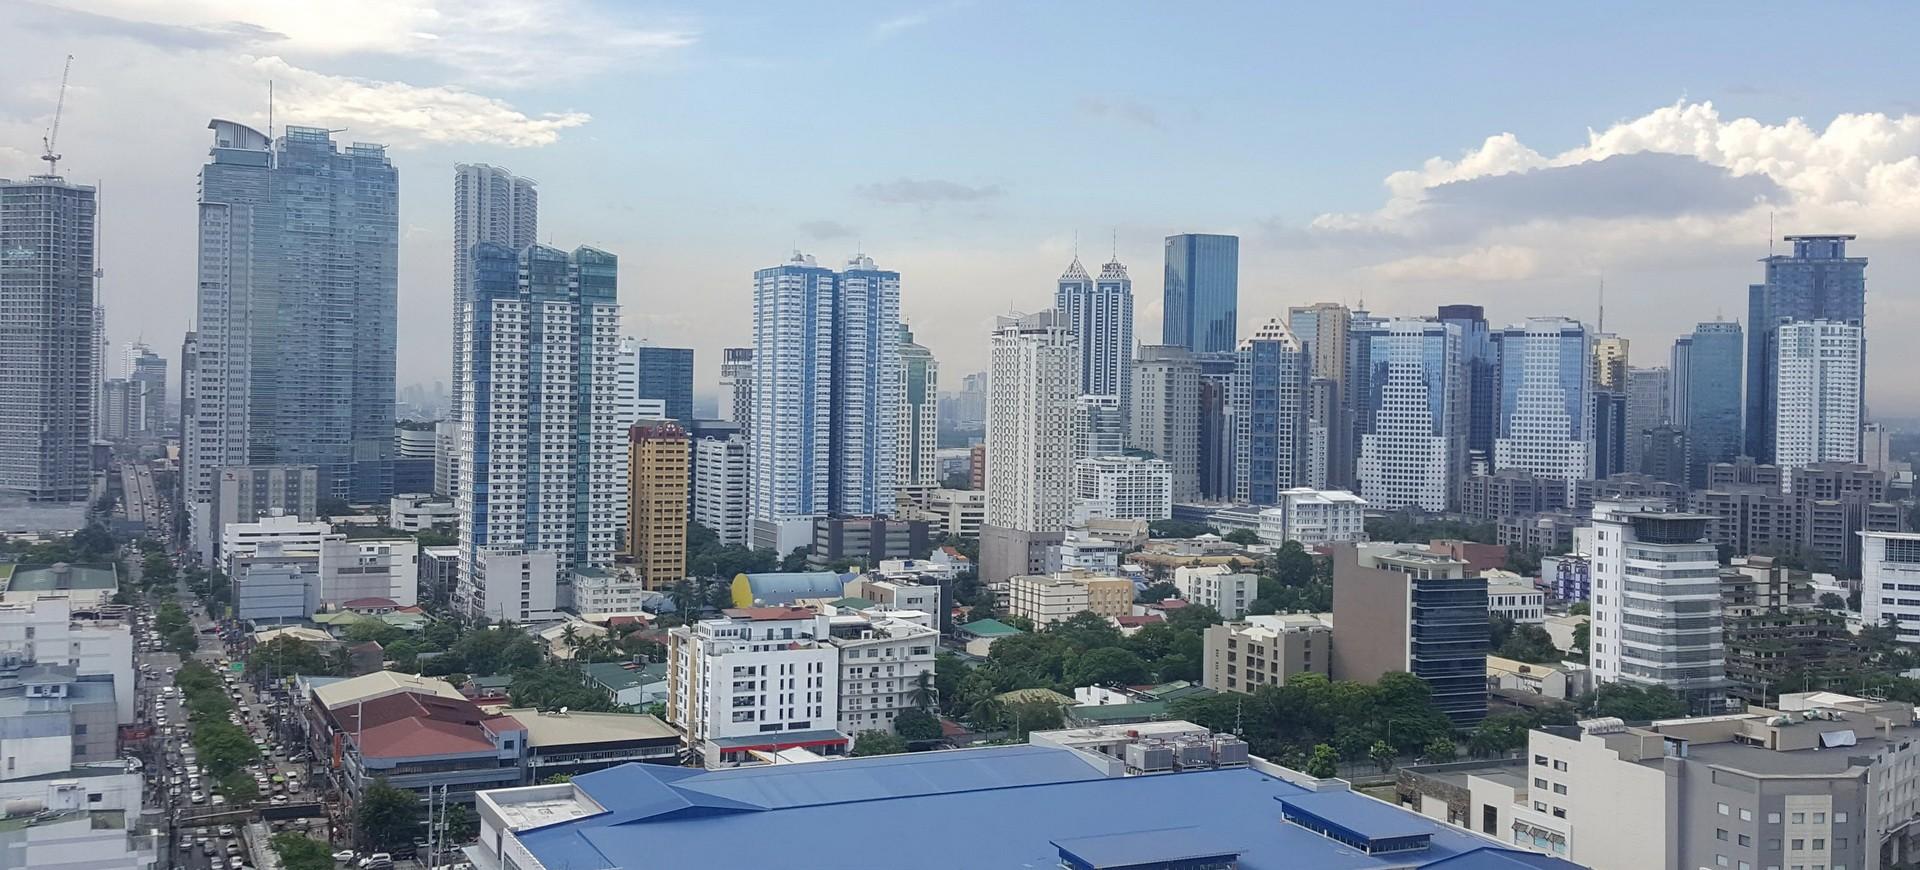 Manille la Capitale des Philippines